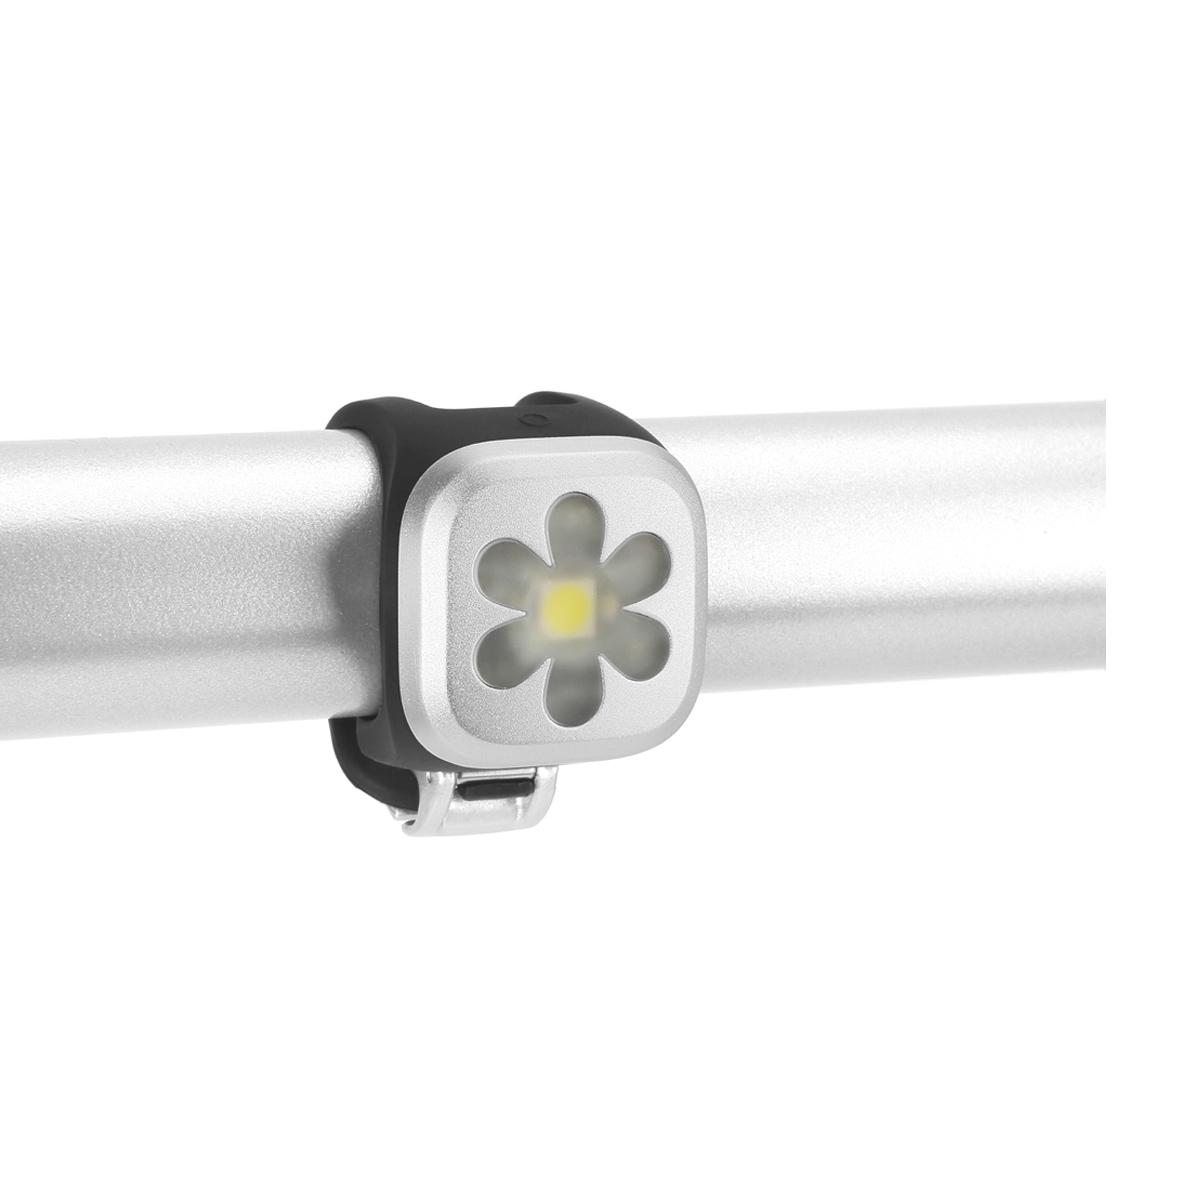 Éclairage arrière Knog Blinder Fleur 1 LED - Argent